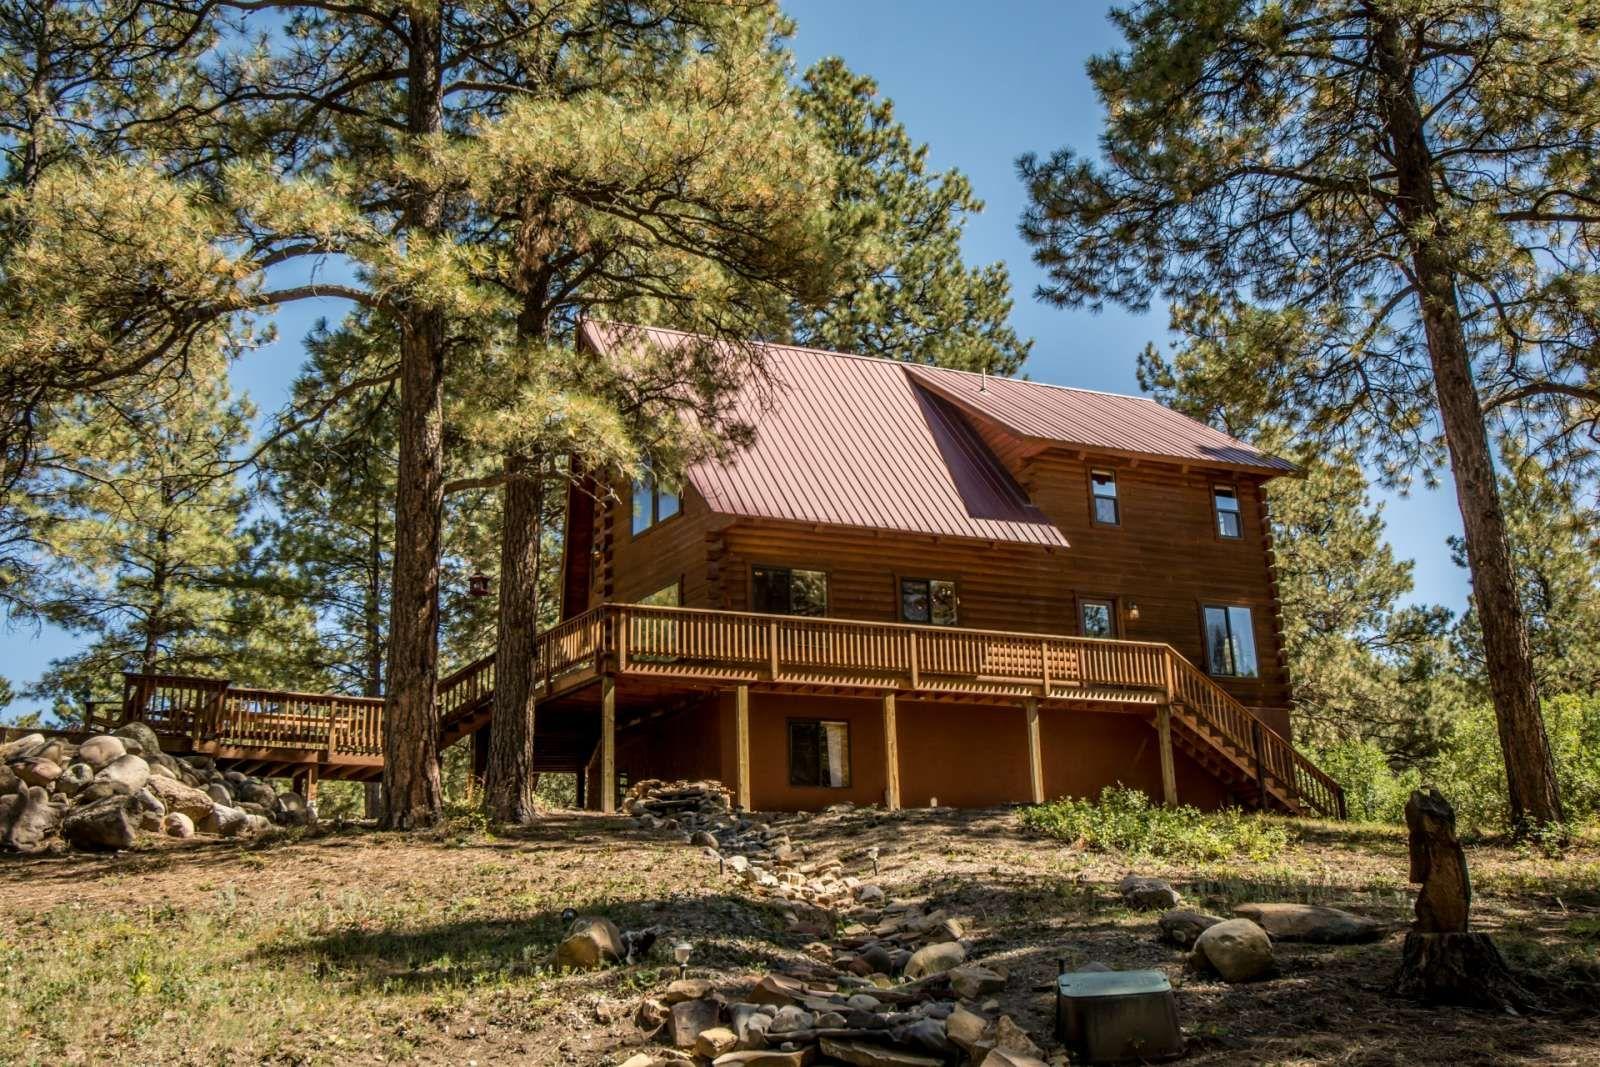 Pagosa Springs Vacation Rental Pagosa Peak Lodge Home Rental On Itrip Net Colorado Pagosasprings C In 2020 Mountain Vacations Vacation Rental Living In Colorado